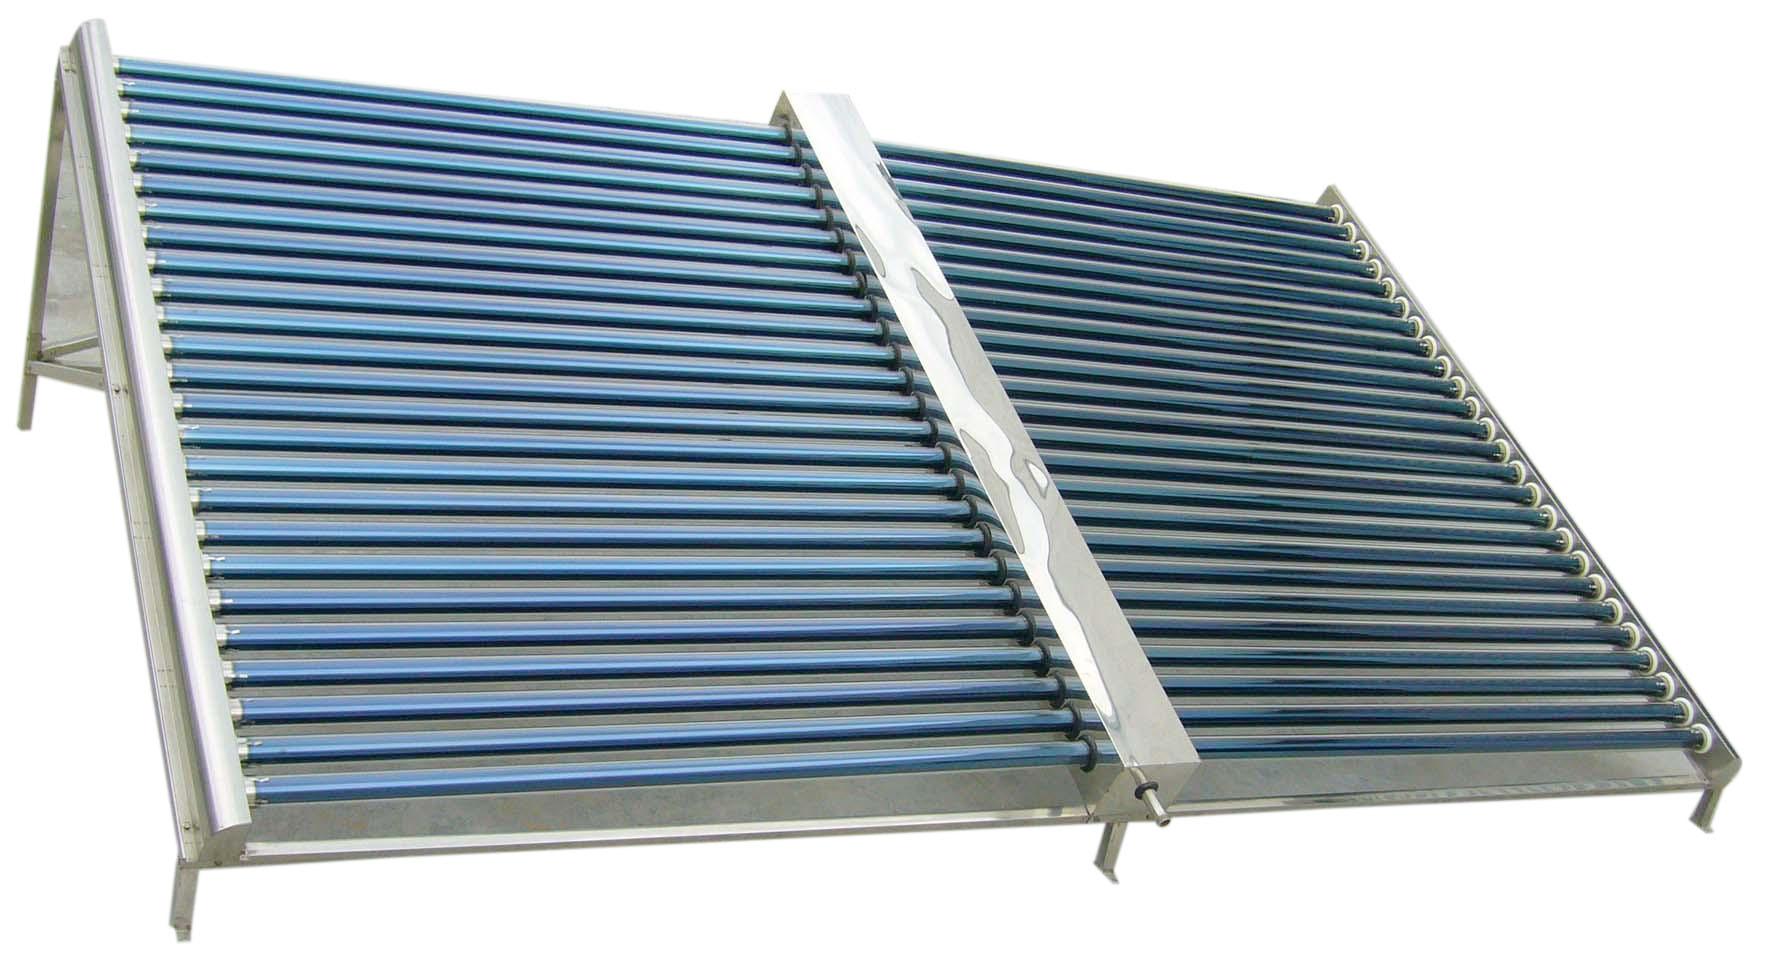 广东太阳能热水工程 太阳能热水工程咨询电话 太阳能热水工程公司 广东太阳能热水工程图纸 广东新能源热水工程